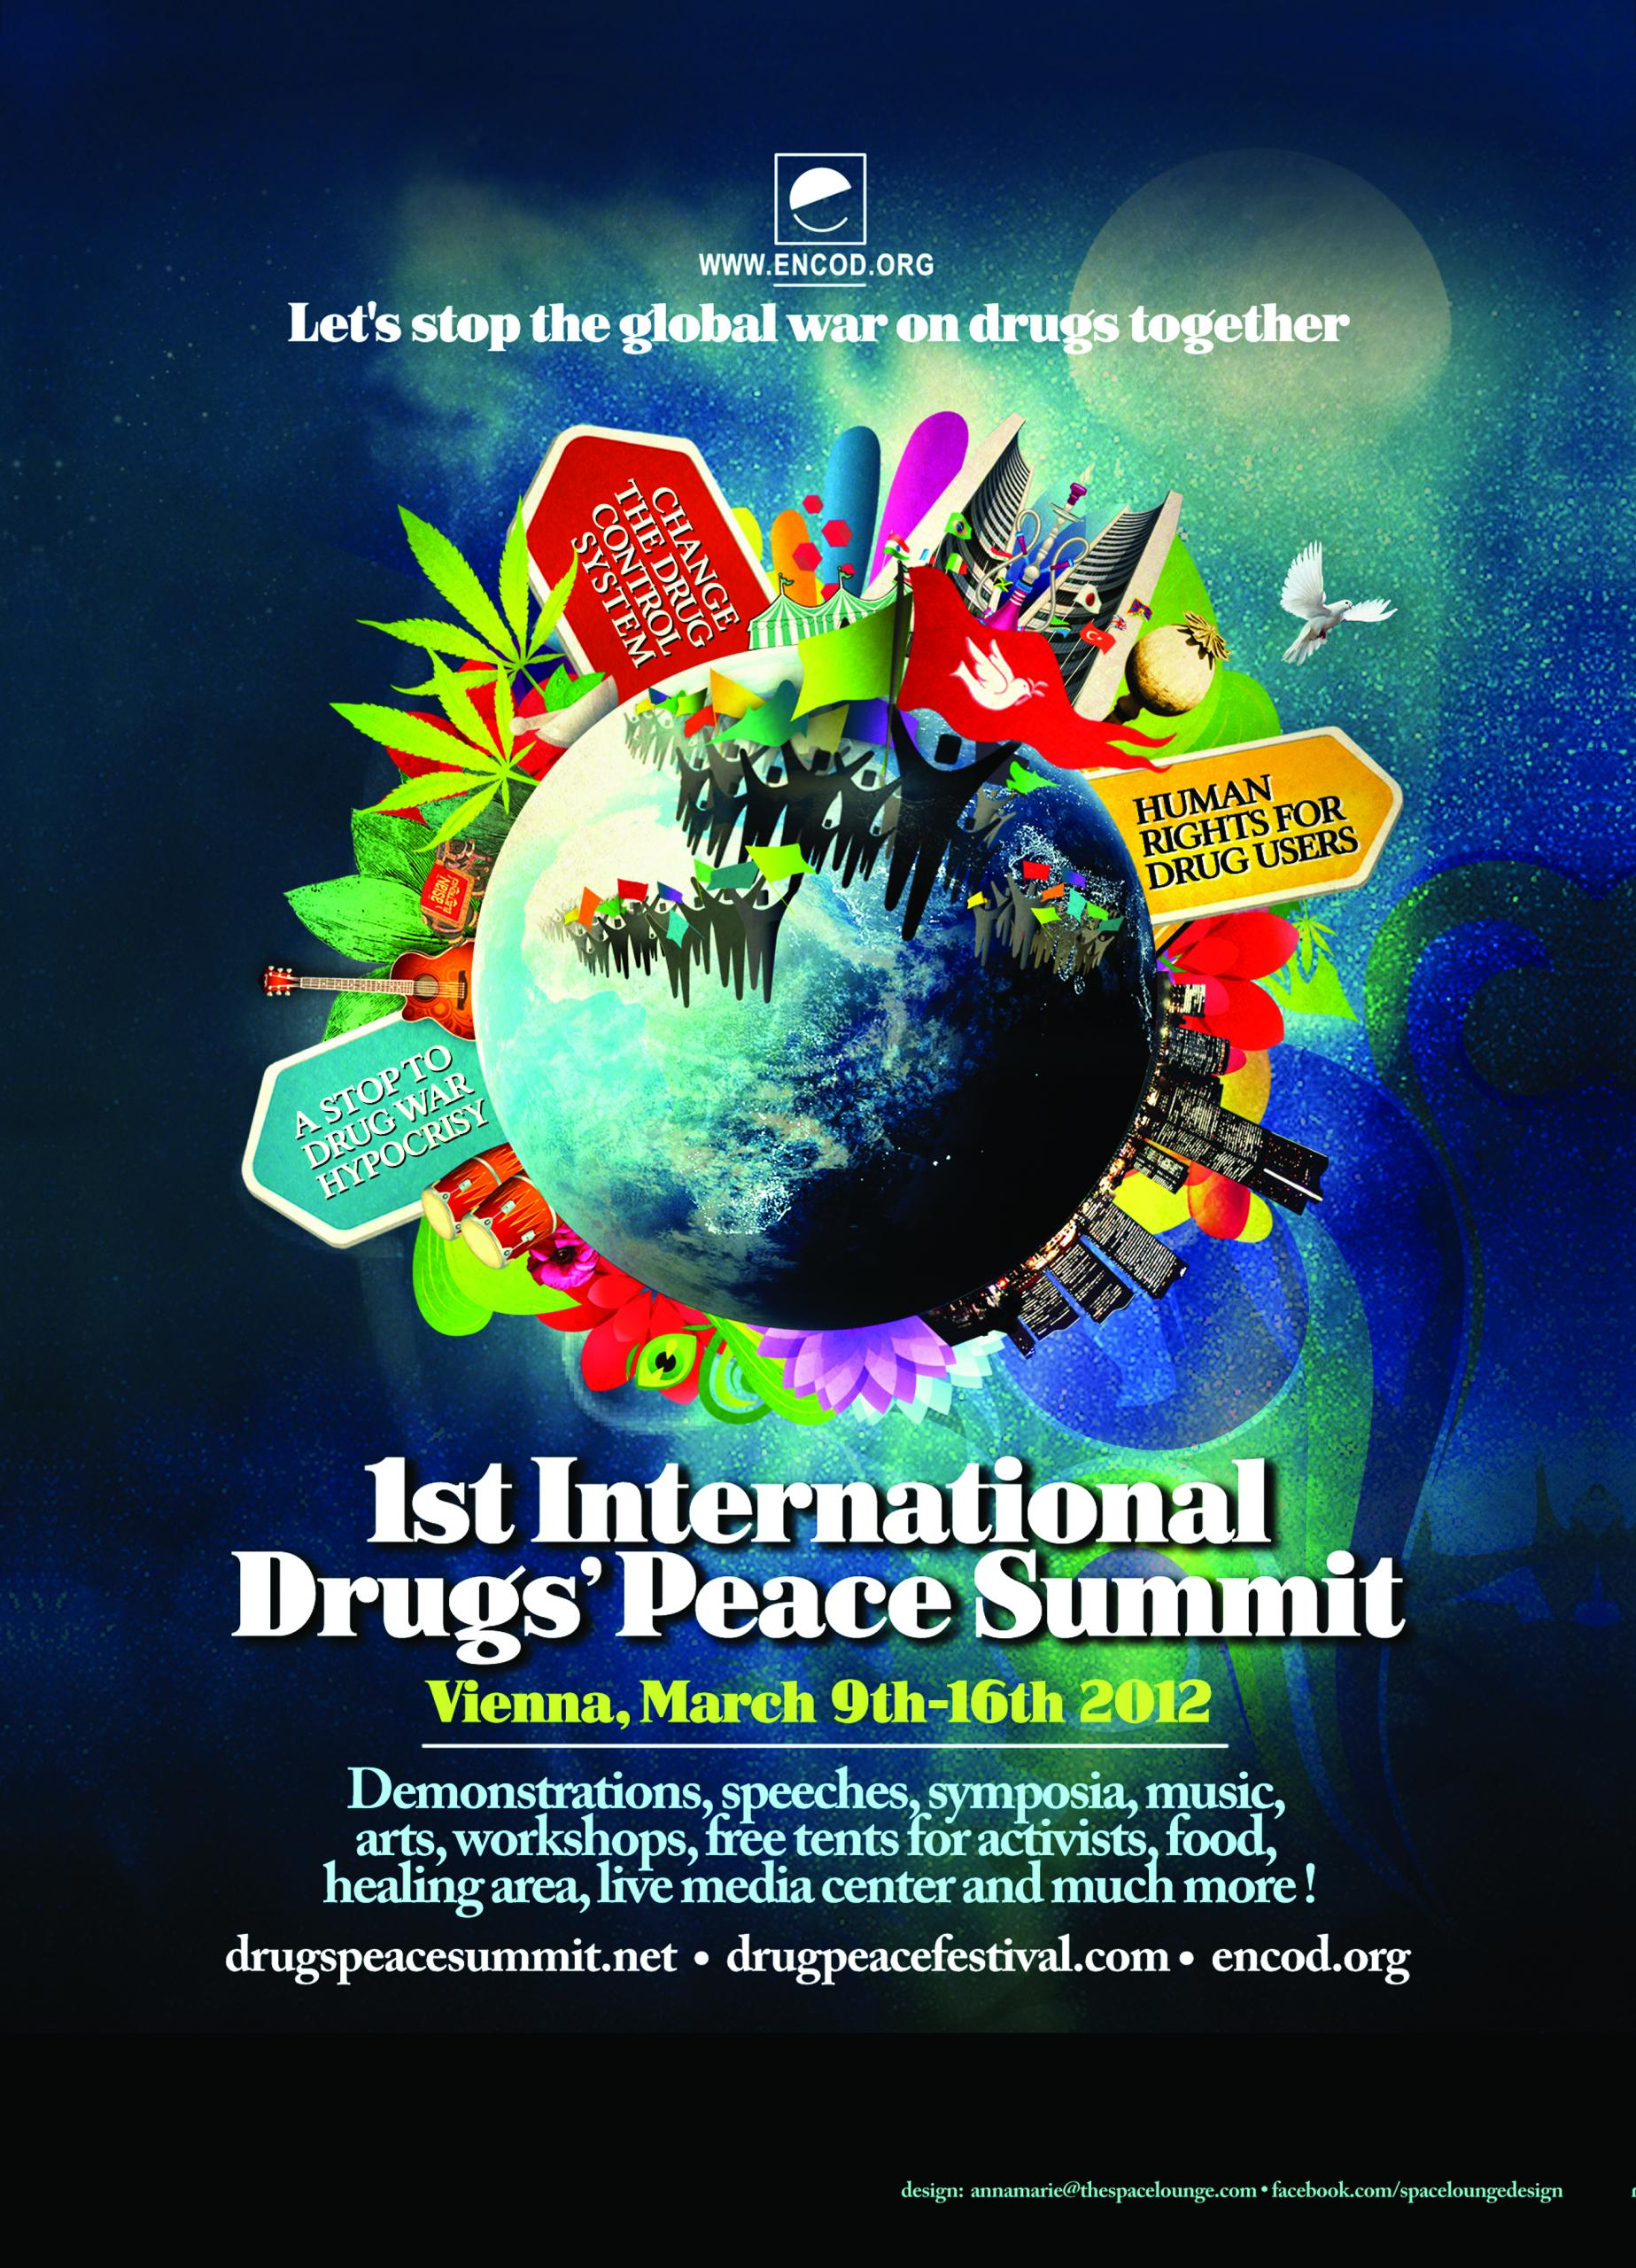 1st International Drugs'Peace Summit 2012